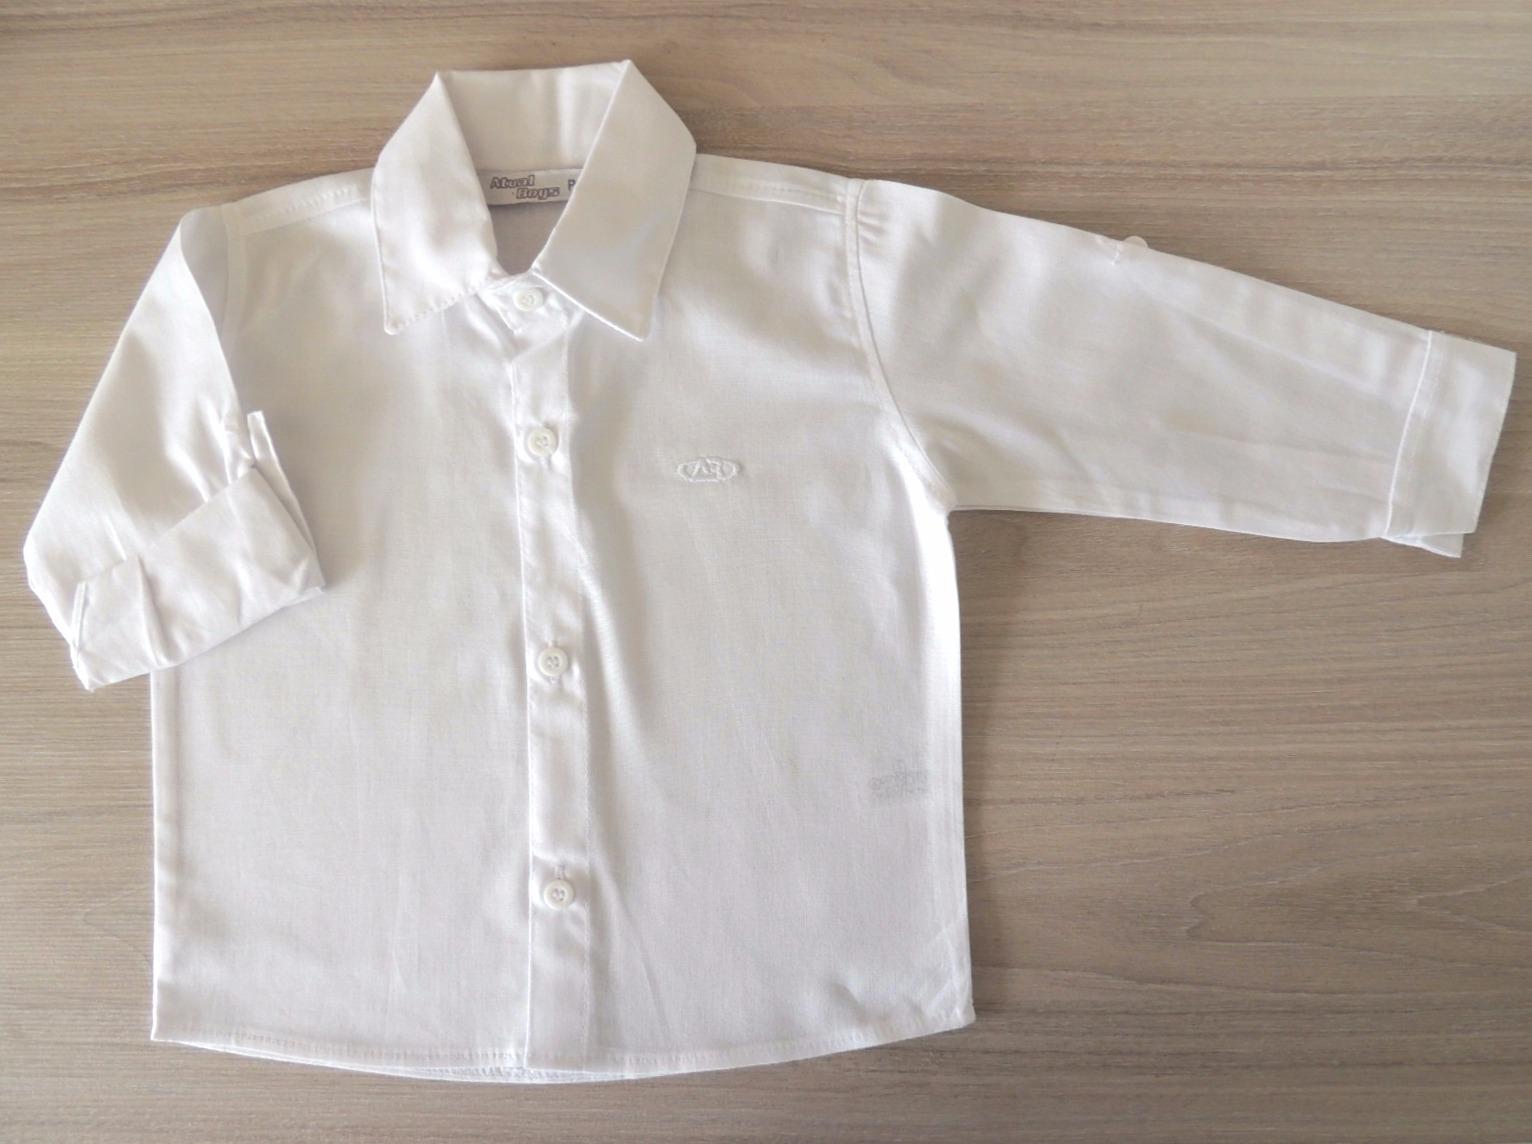 e58aef2d71 Camisa Social Infantil e Bebê Branca no Elo7